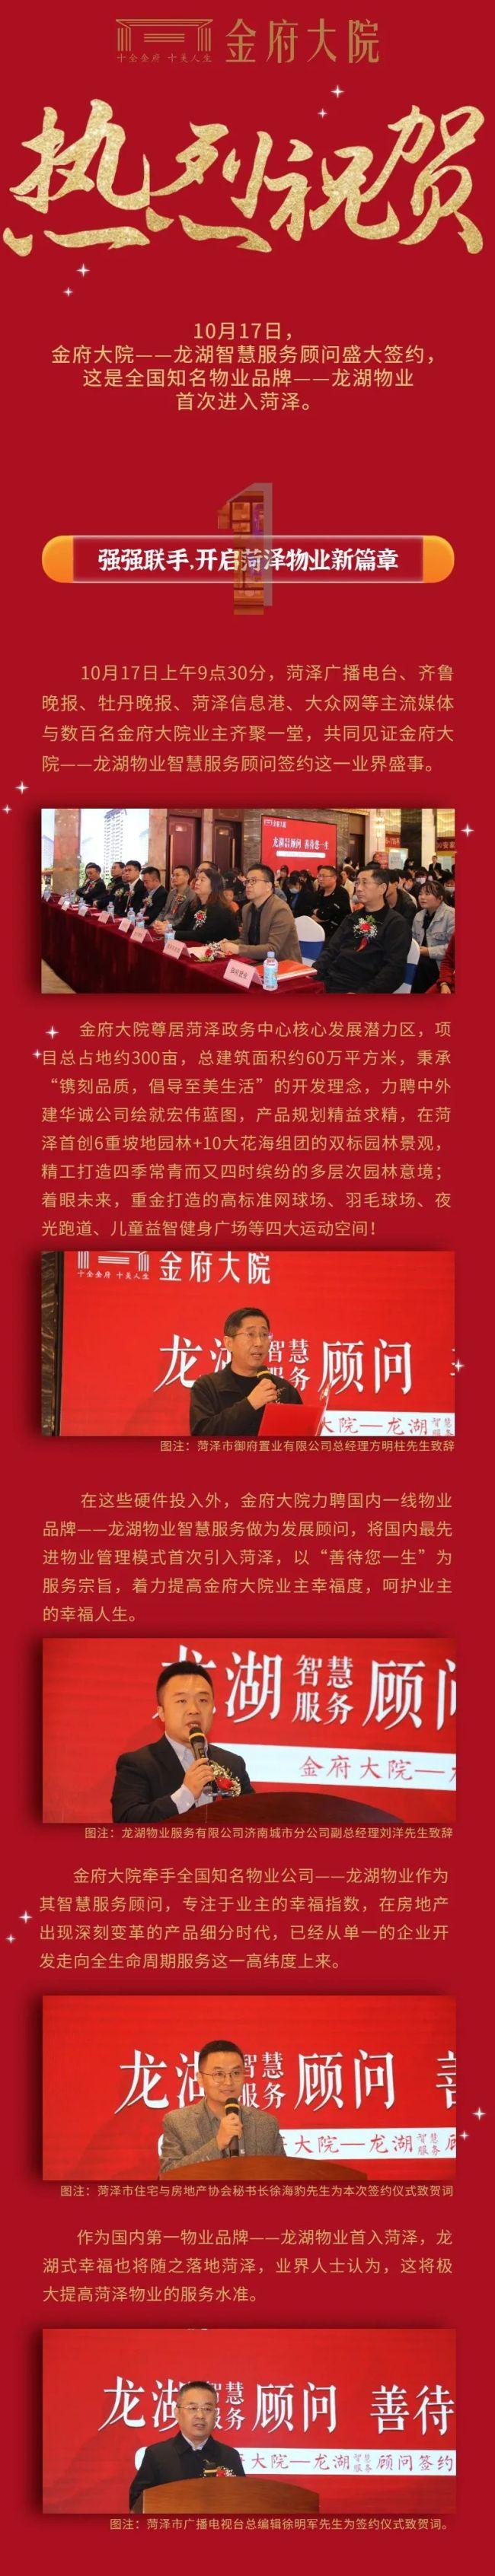 """龙湖物业首入菏泽,""""龙湖智慧服务""""与金府大院盛大签约"""